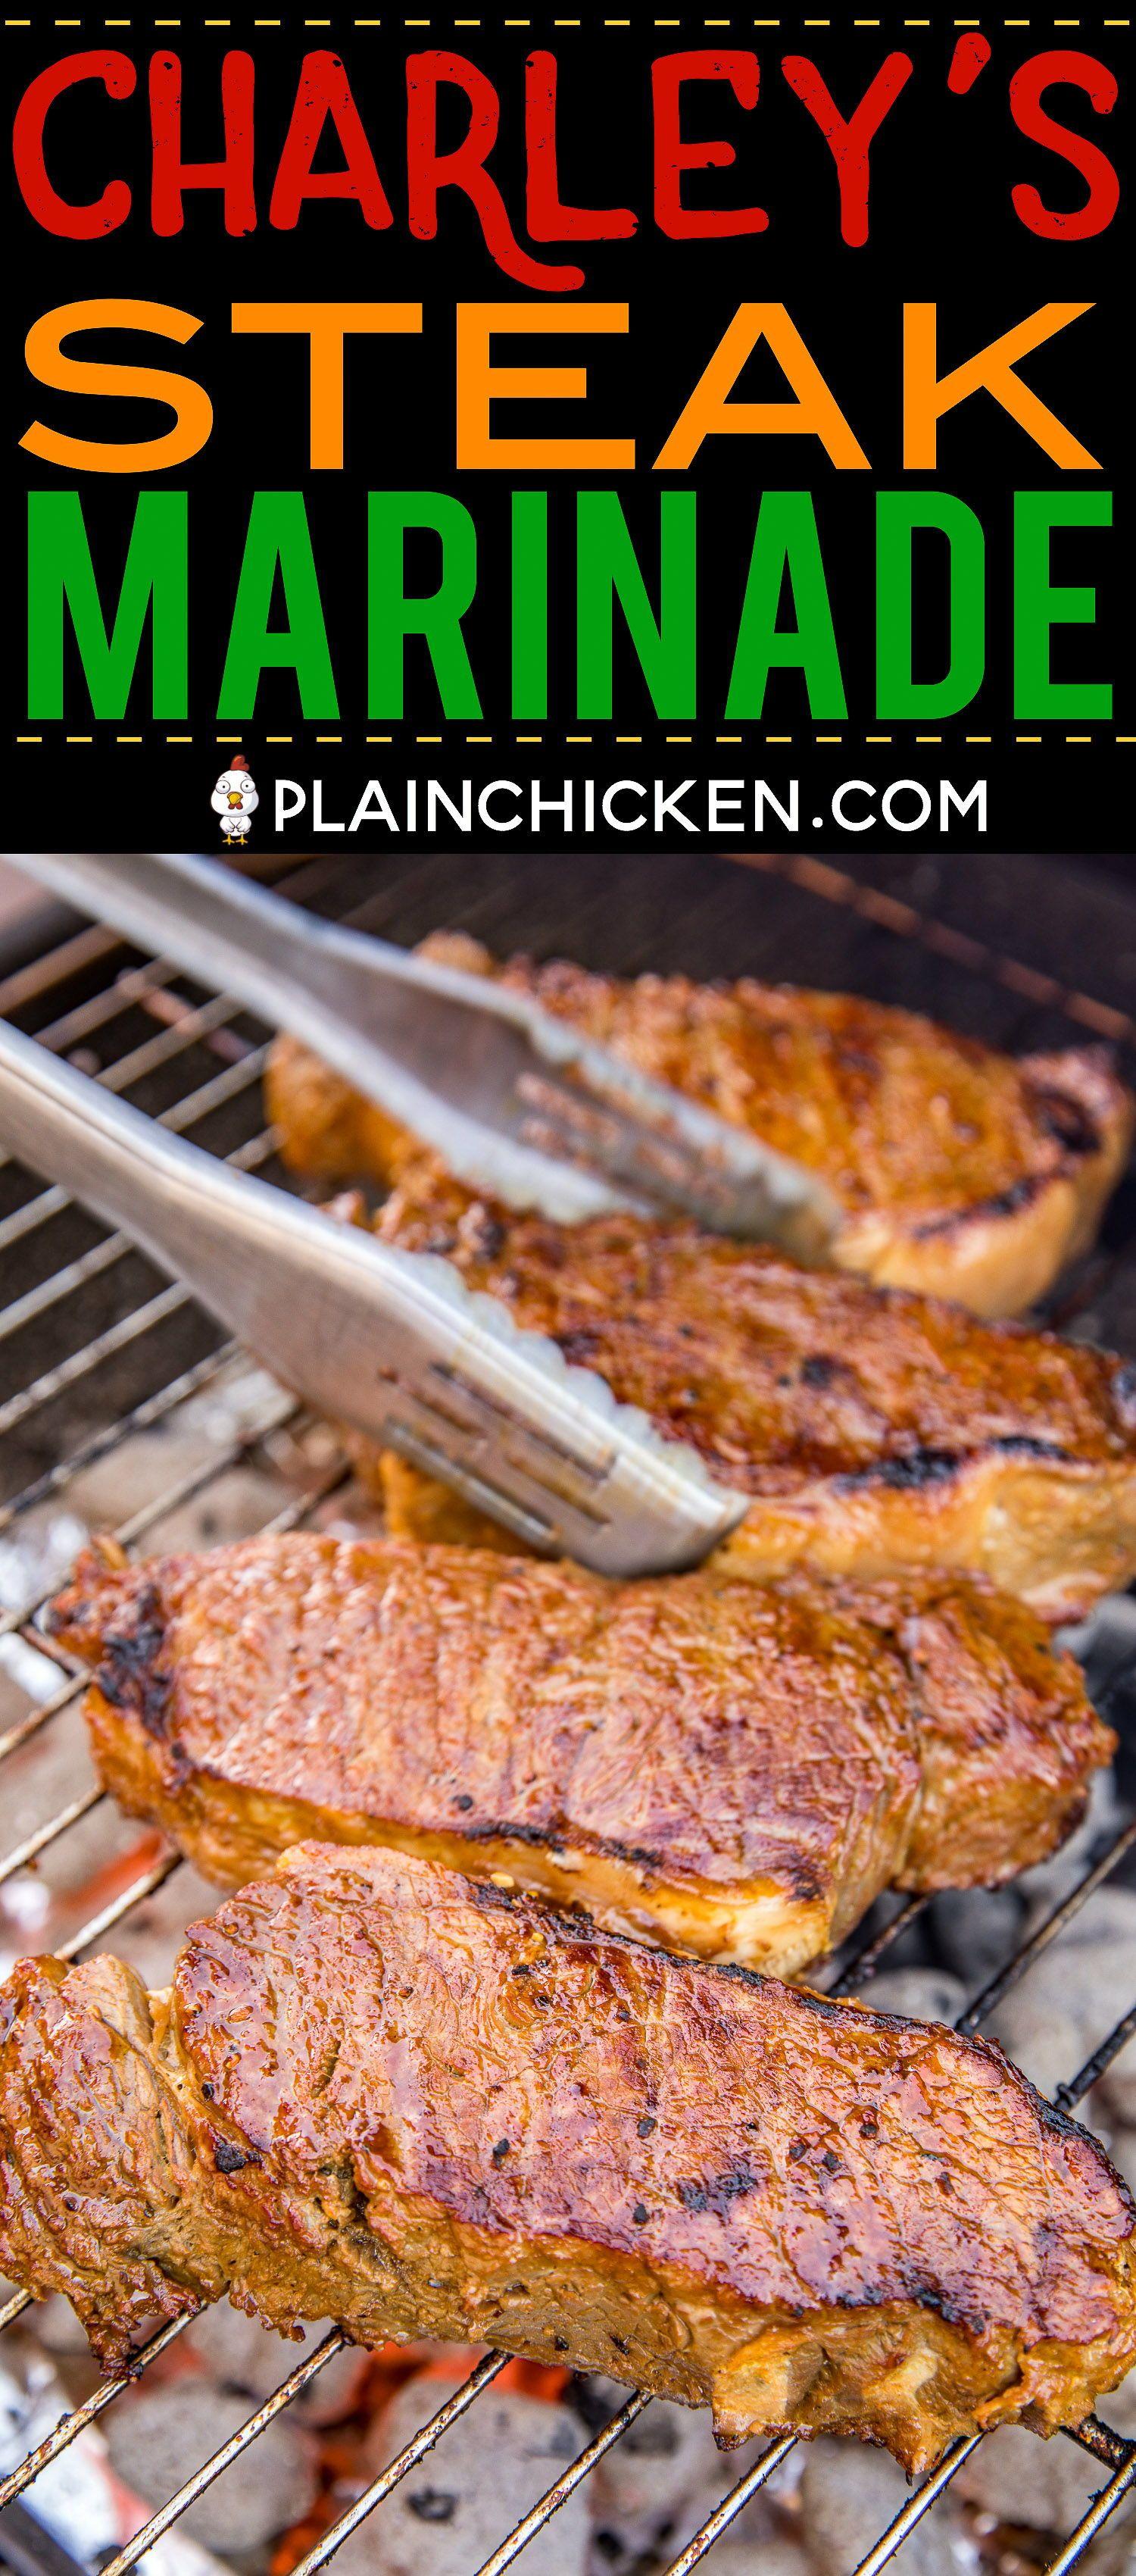 Charley's Steak Marinade - Plain Chicken